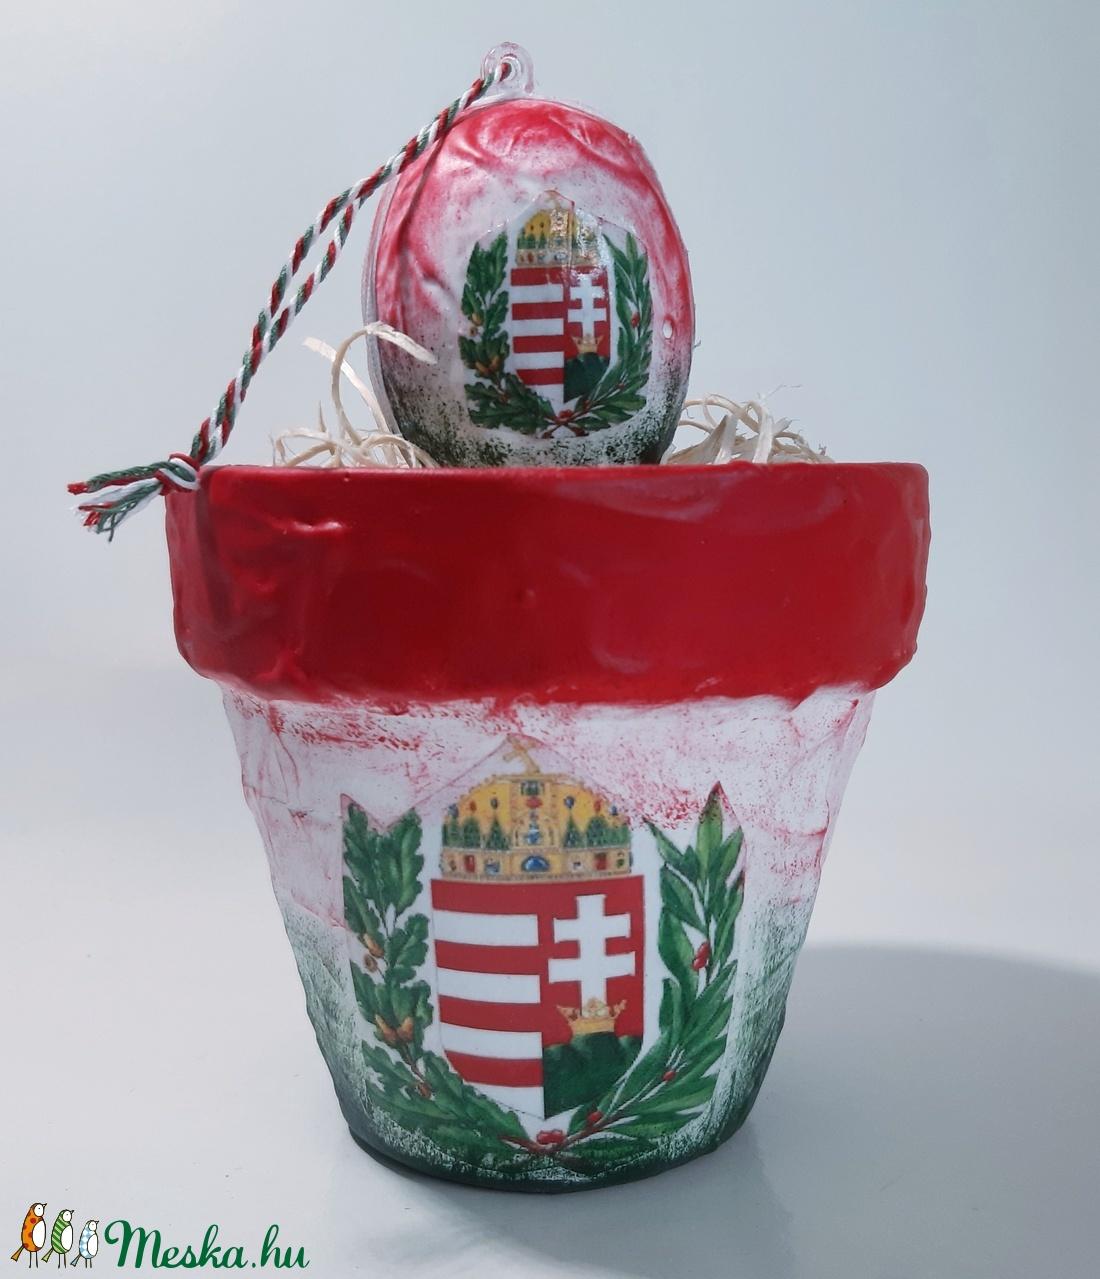 Magyar címeres kaspó meglepetés tojással, virágcserép, szülinapra, névnapra, húsvéti asztali dísz, ajándék házavatóra. (Biborvarazs) - Meska.hu